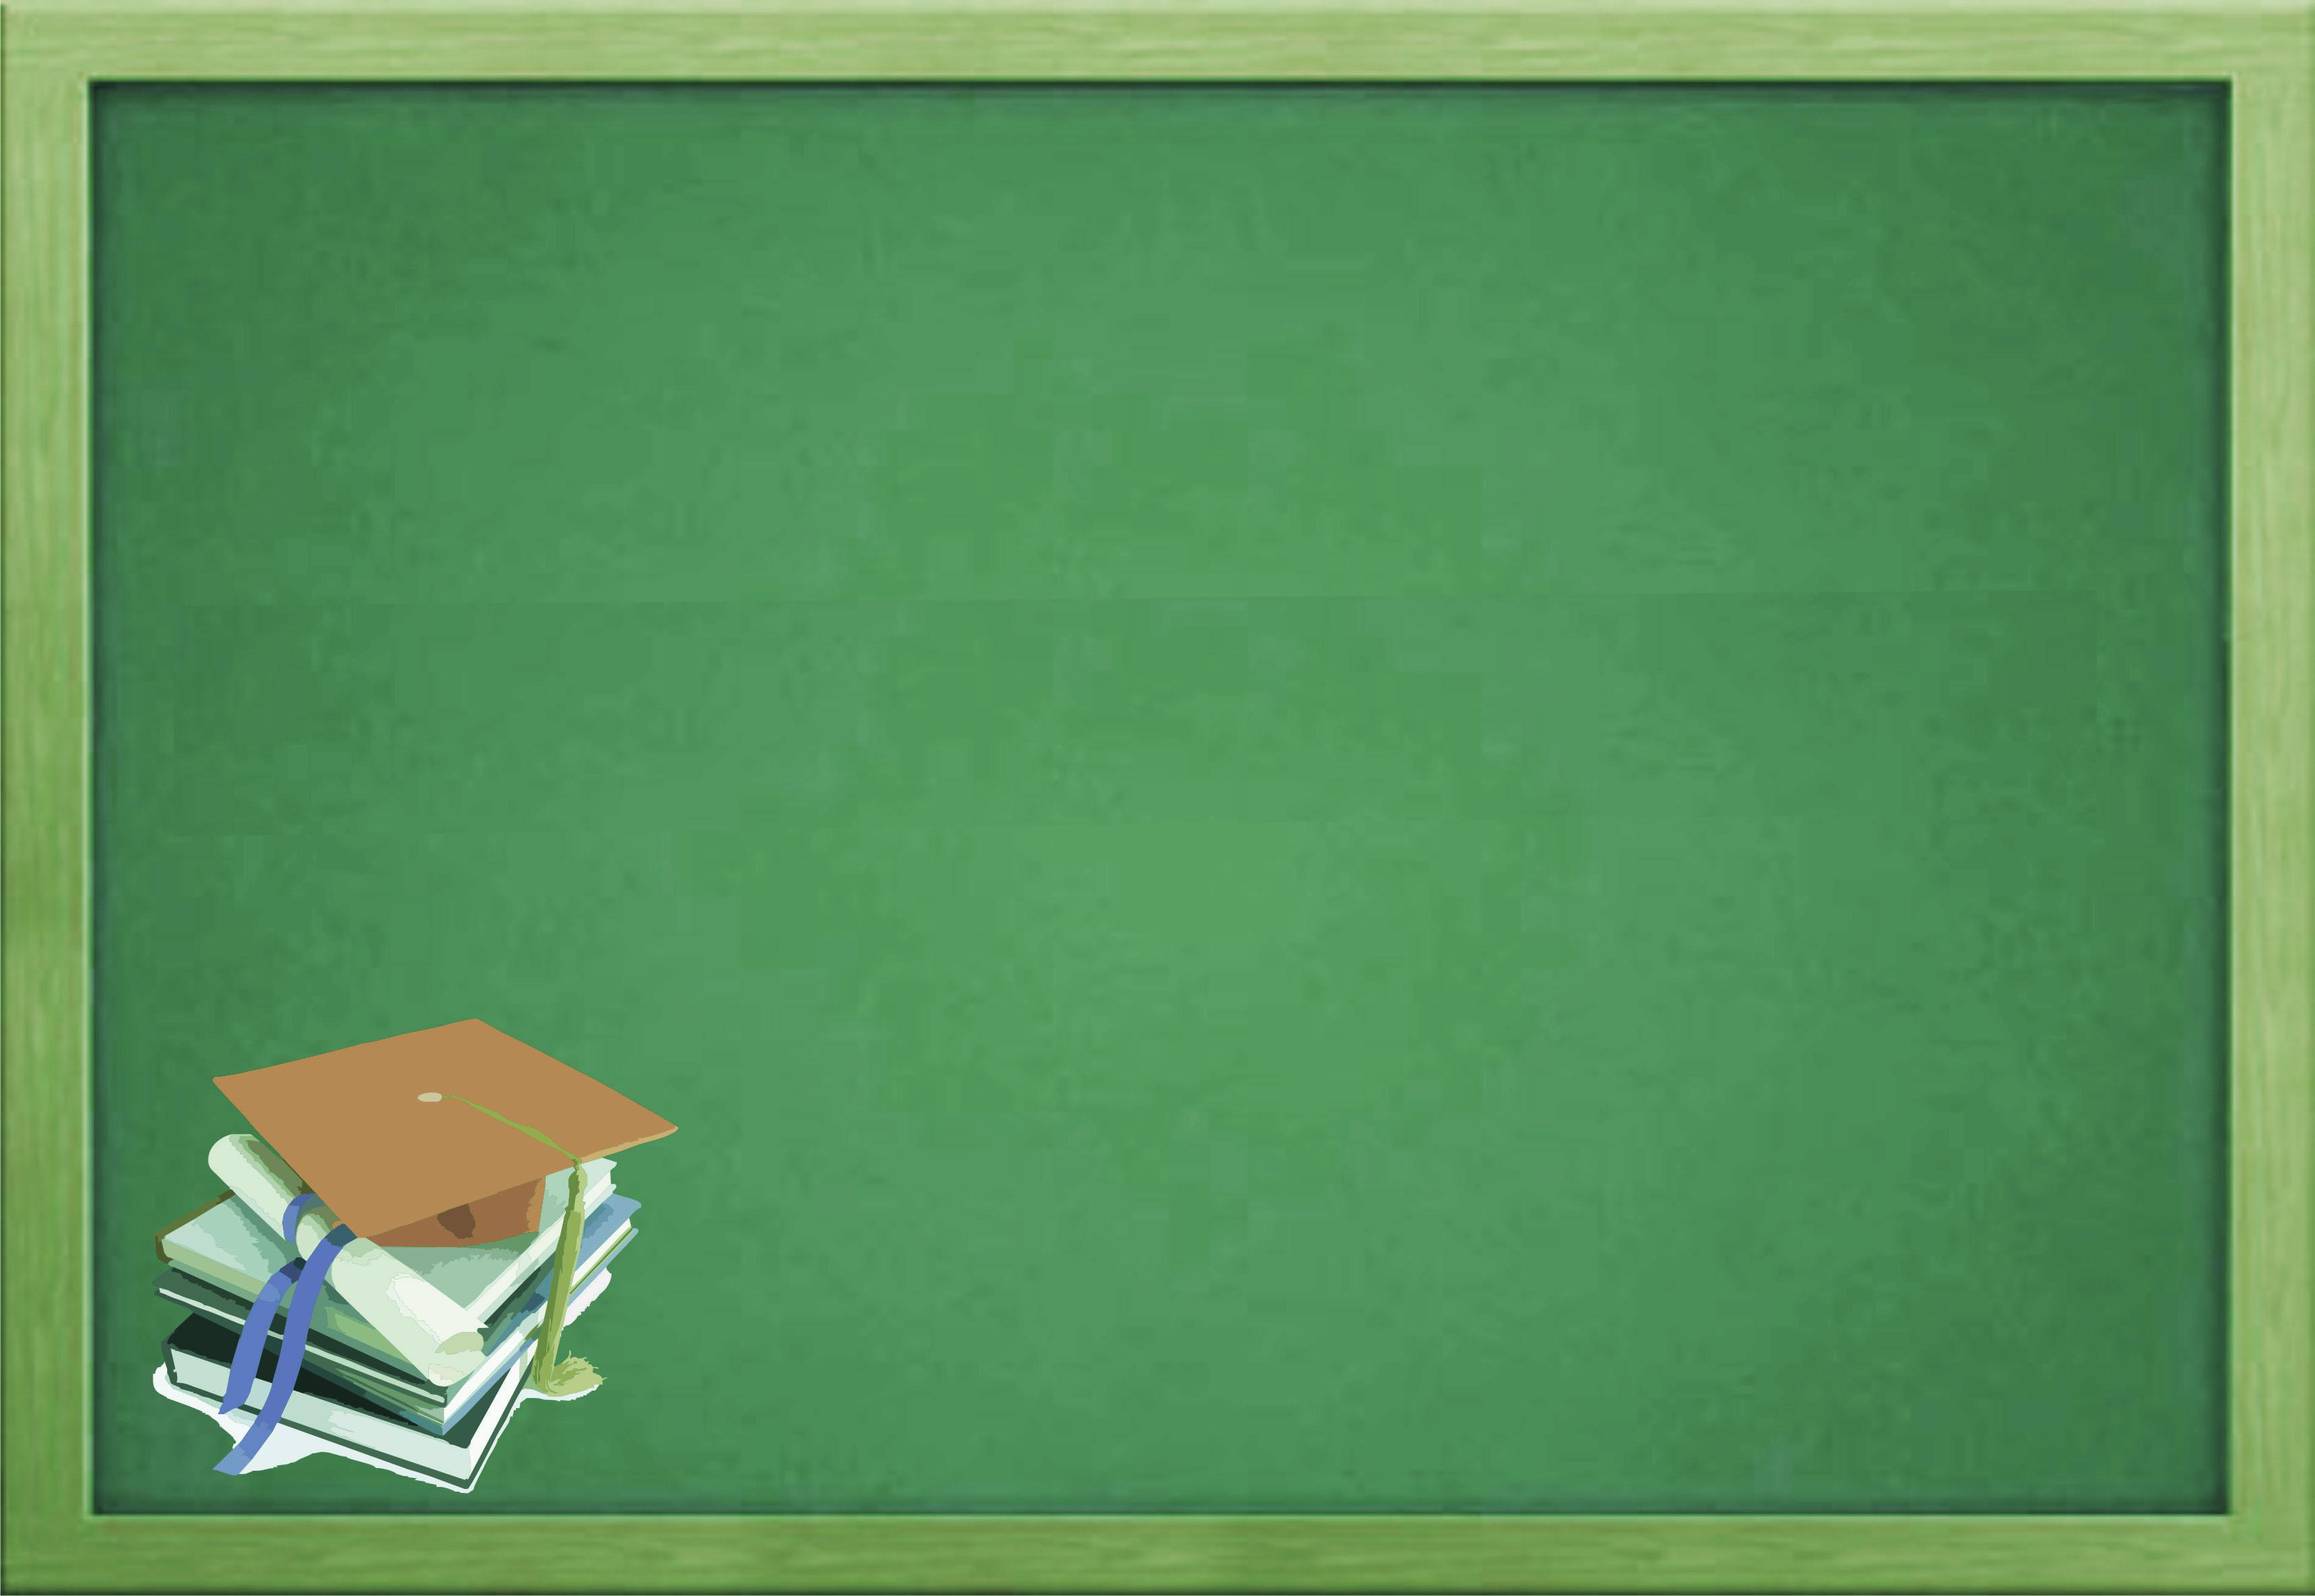 Backgroud Powerpoint thuyết trình đẹp - bảng xanh